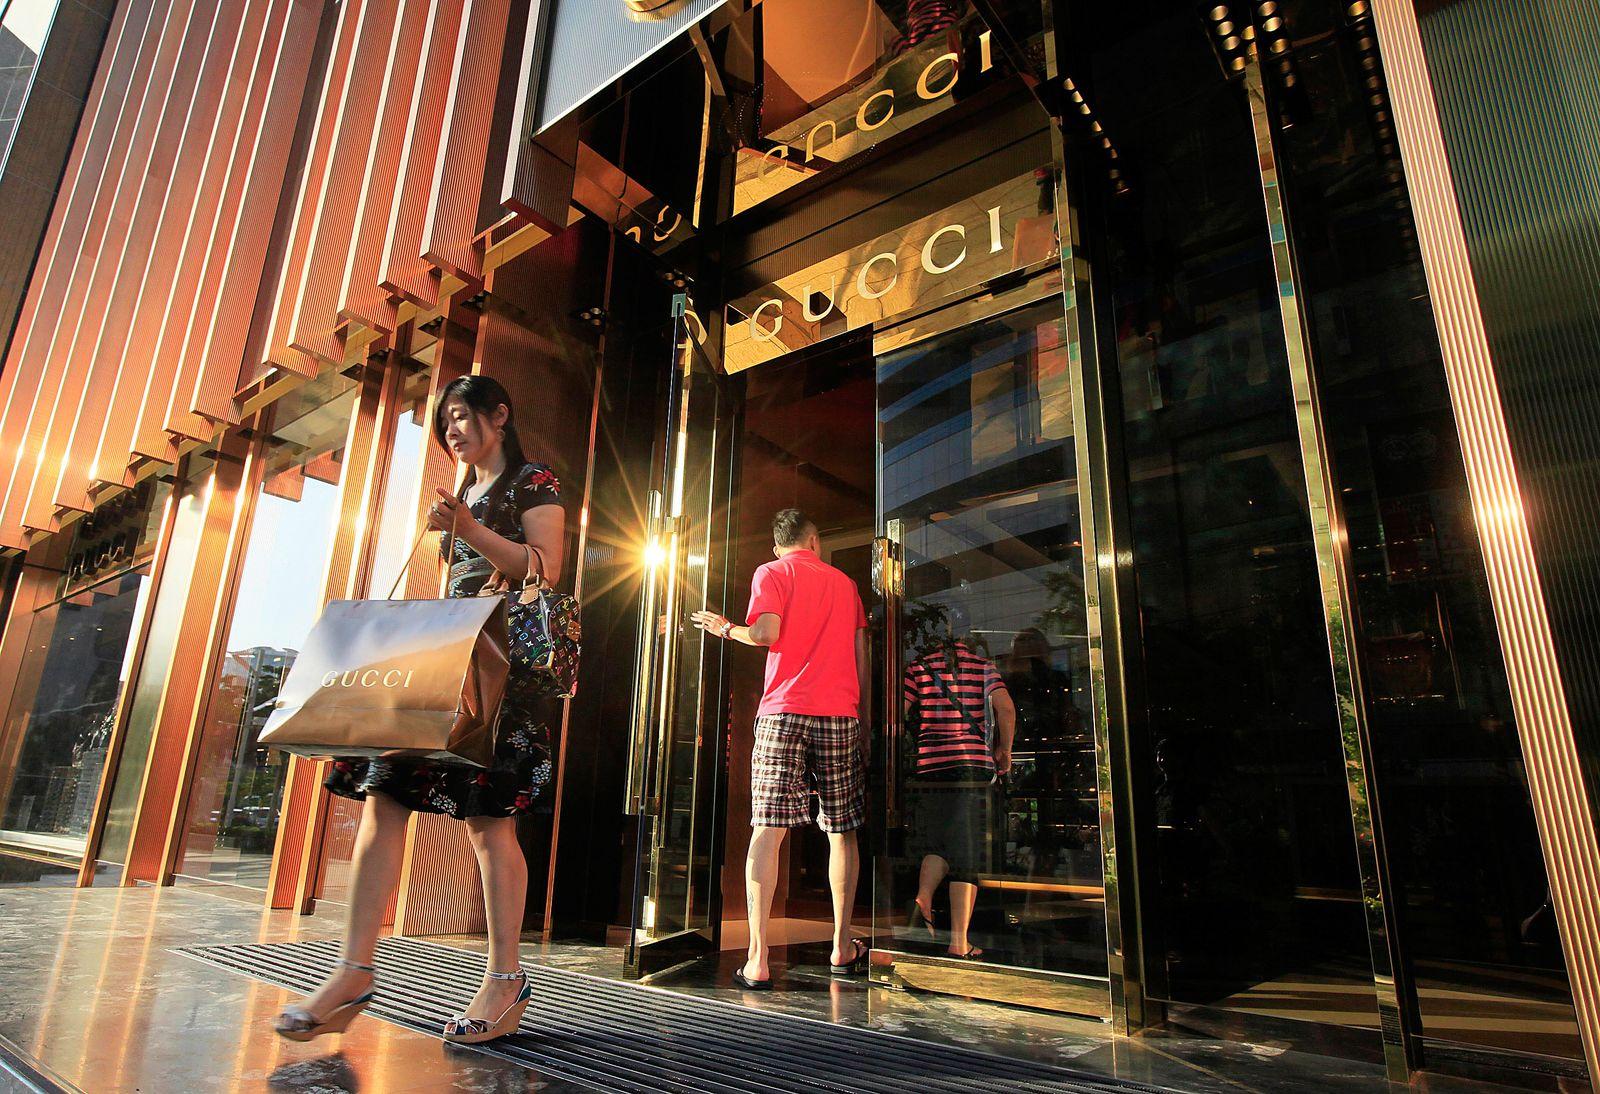 China / Reichtum / Geld / Vermögen / Wohlstand / Mittelstand / Gucci / Luxus